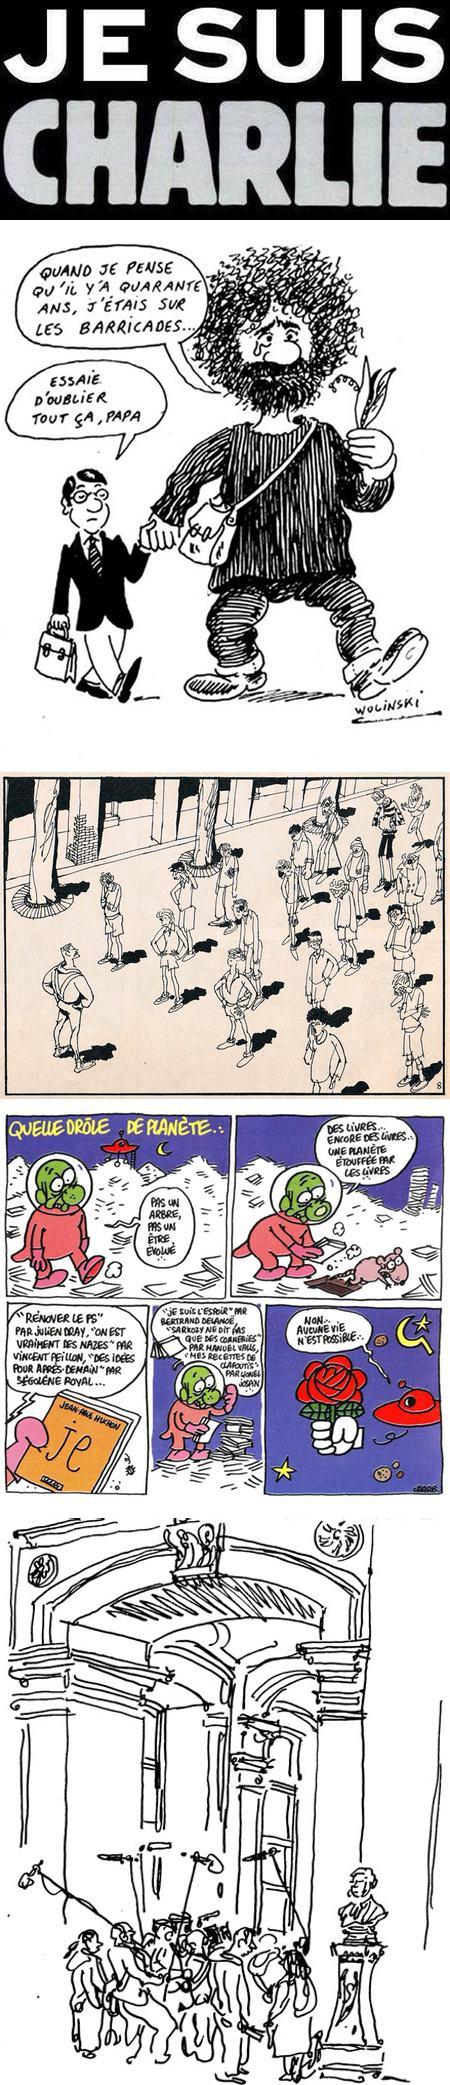 Je Suis Charlie, Charlie Hebdo: Georges Wolinski, Jean Cabut, Charb (Stephane Charbonnier), Tignous (Bernard Velhac)